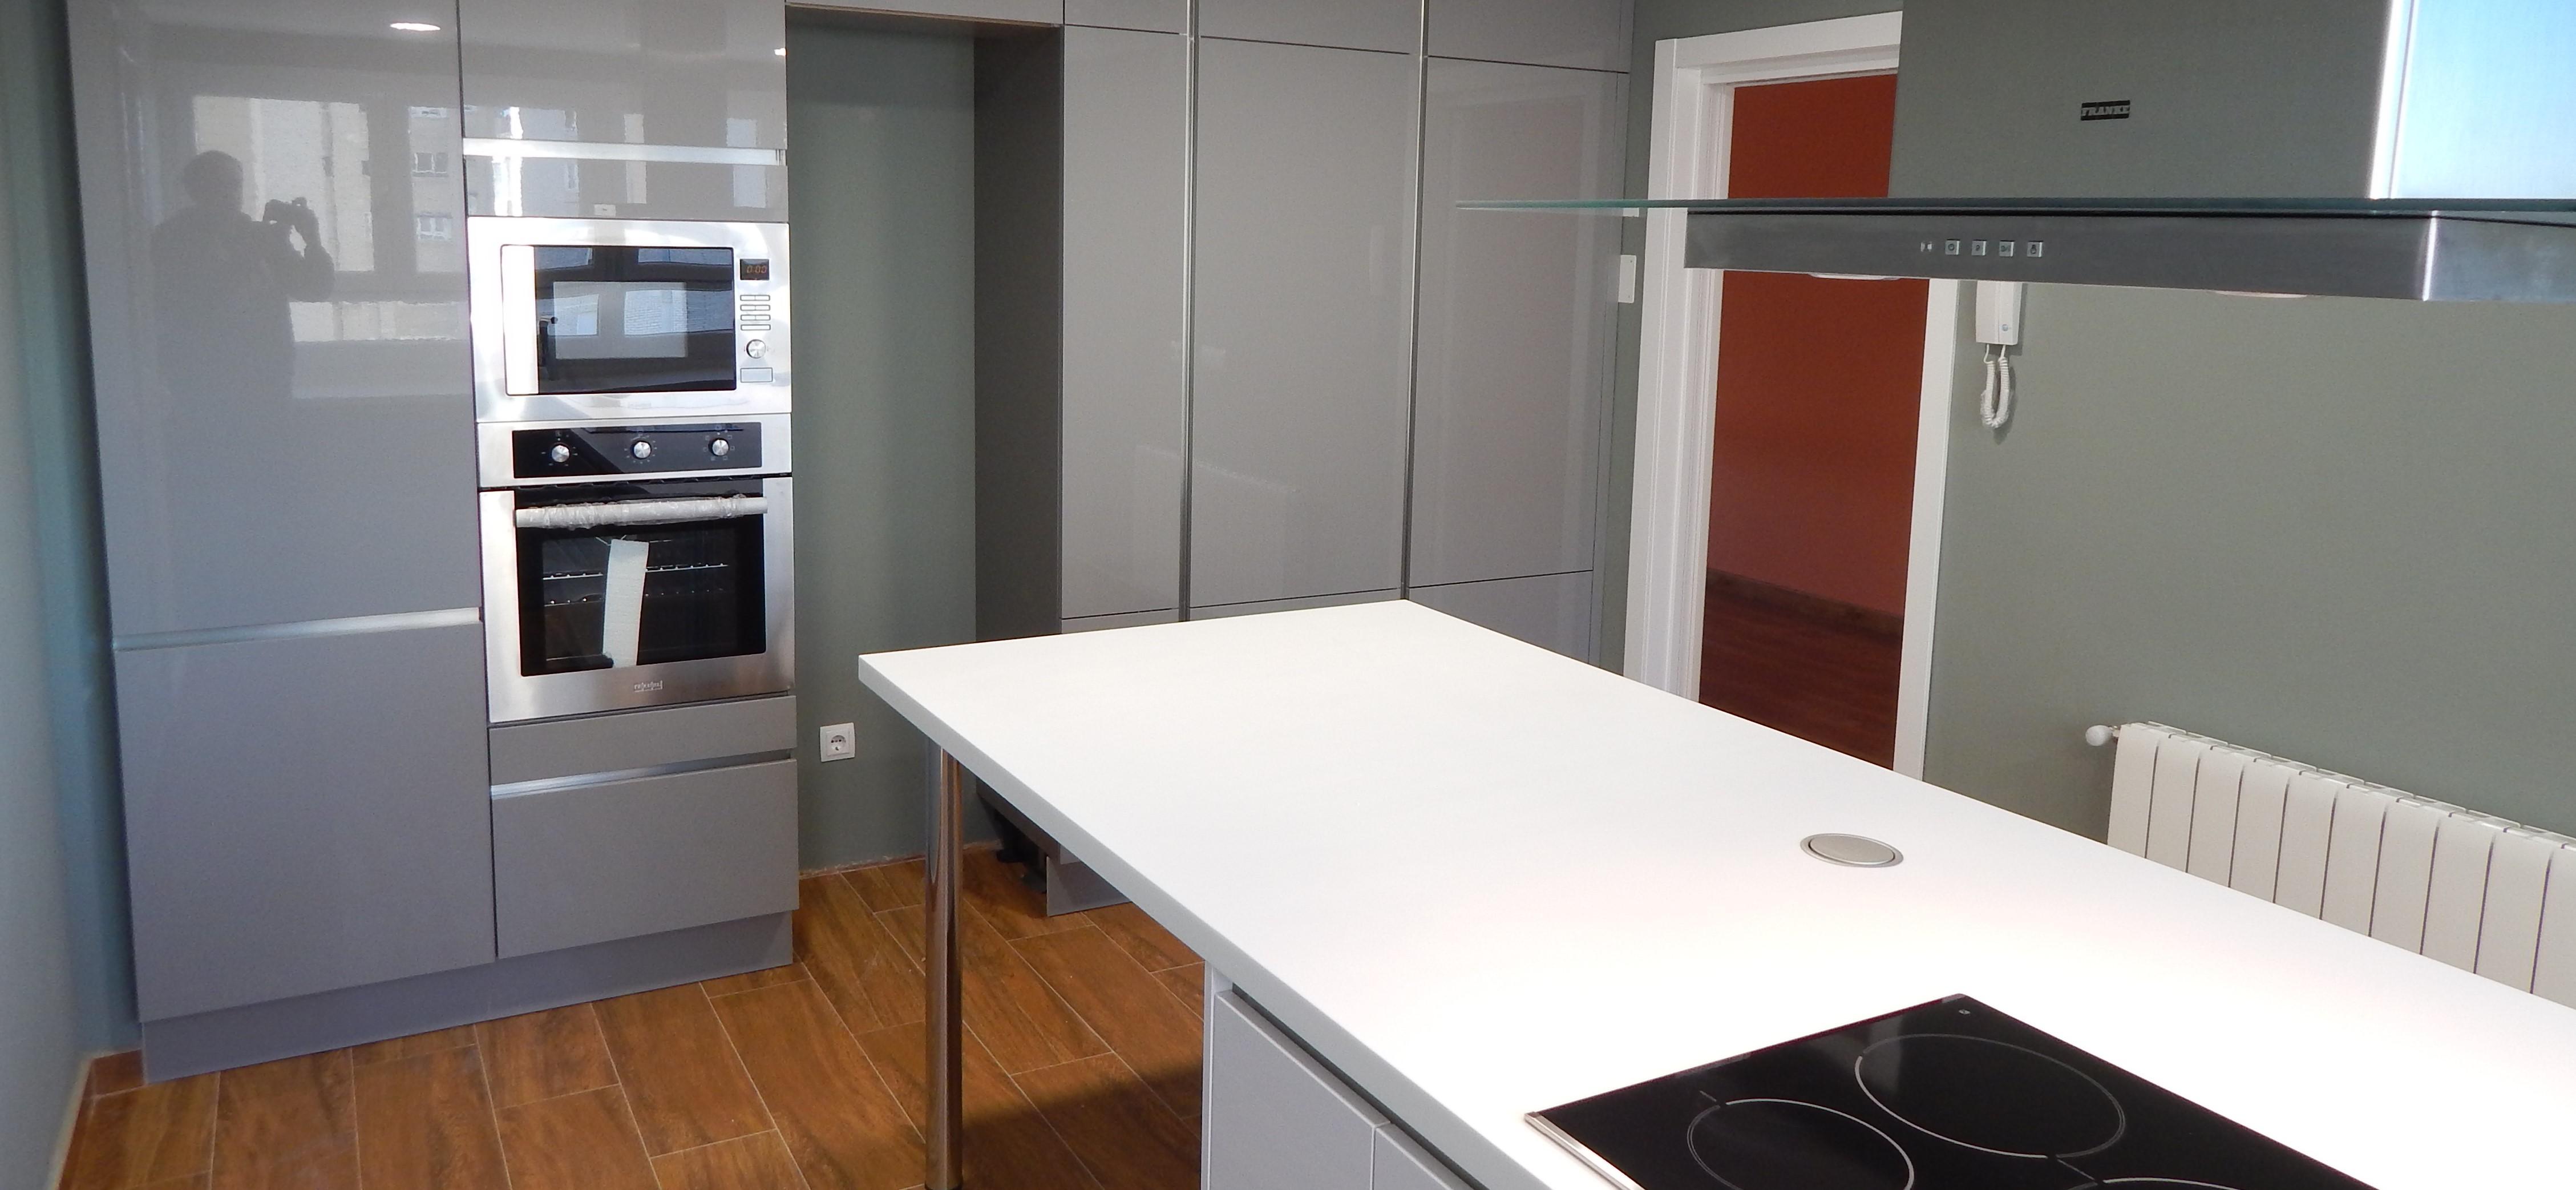 Muebles de cocina gris perla y blanco  cocinasalemanascom